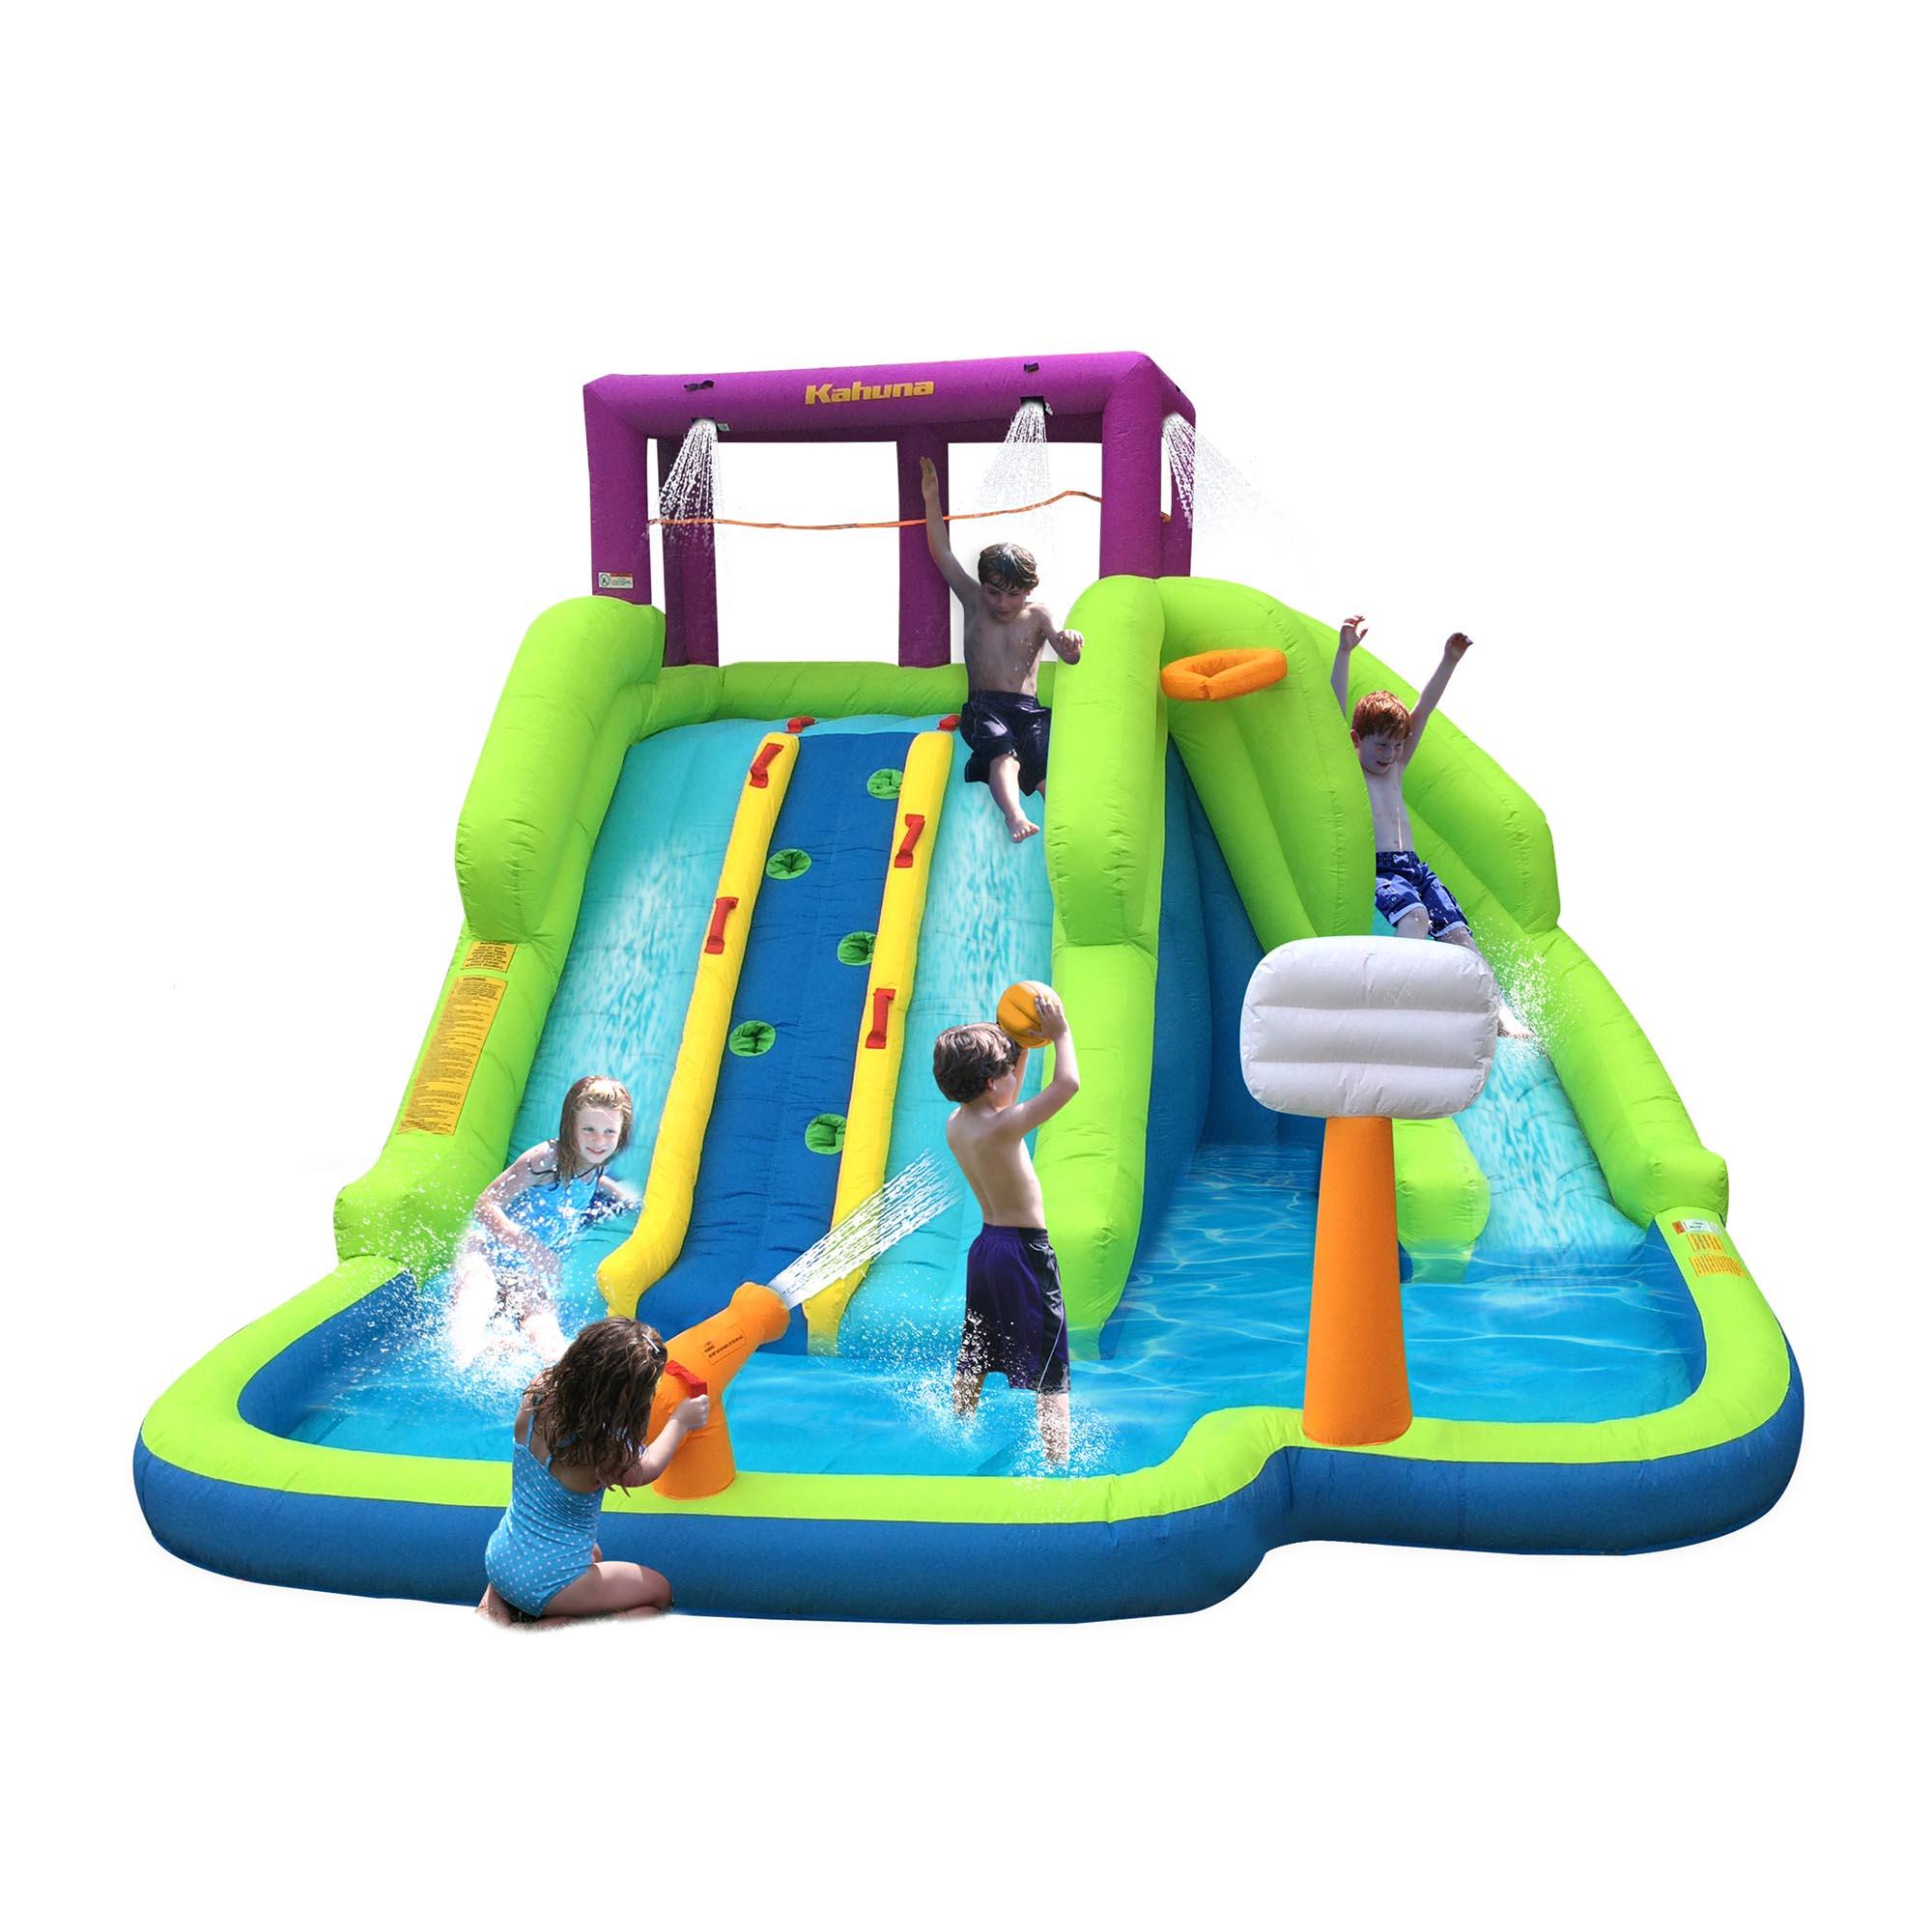 magic time triple blast kids outdoor inflatable splash pool